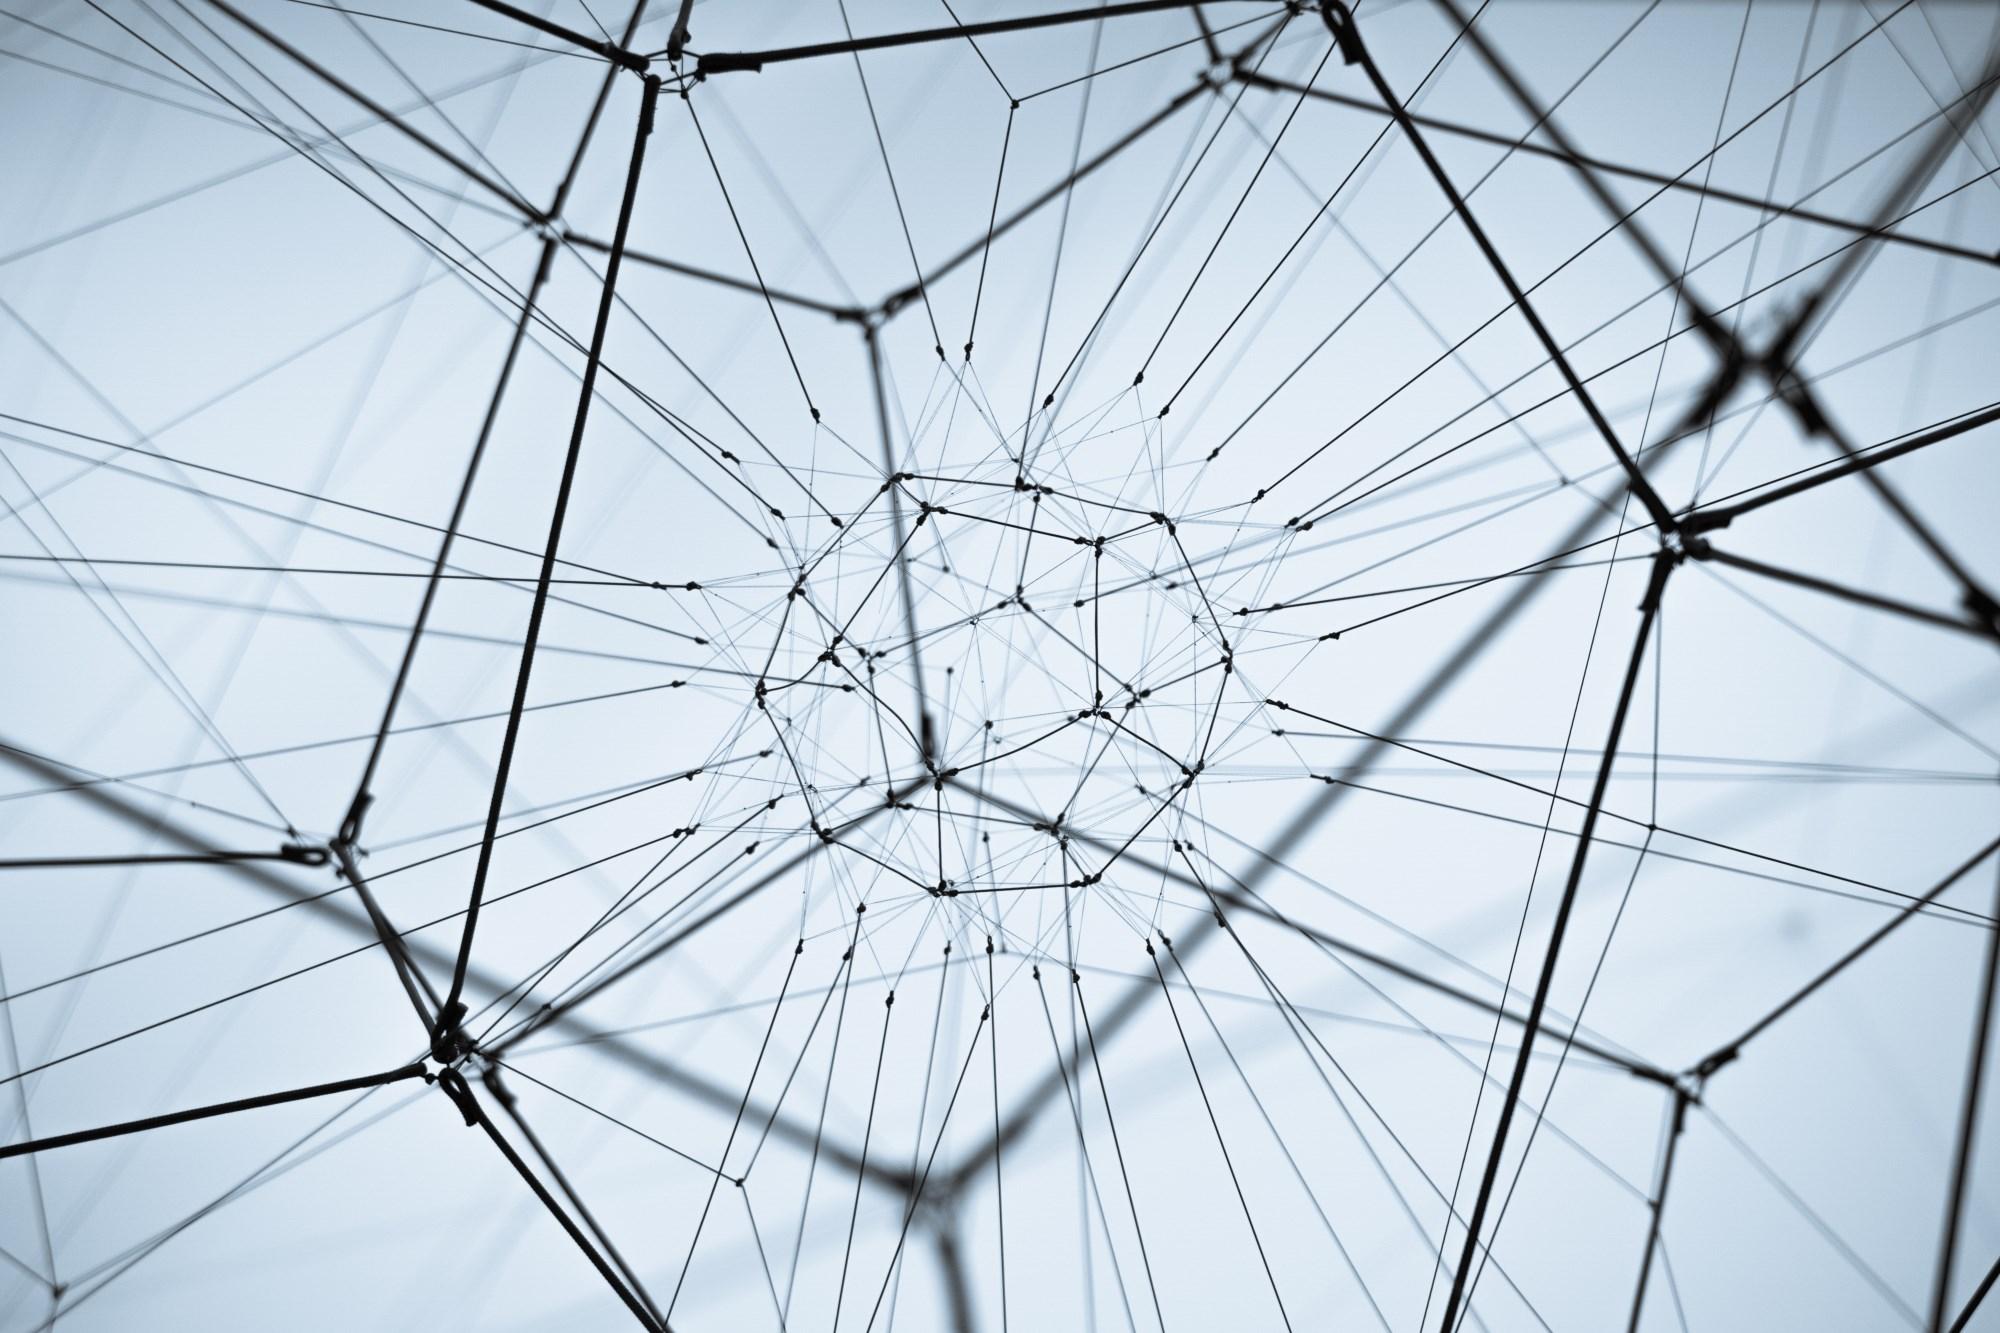 消费大数据服务商——商圈雷达获得2000万人民币Pre-A轮融资, 春晓资本领投